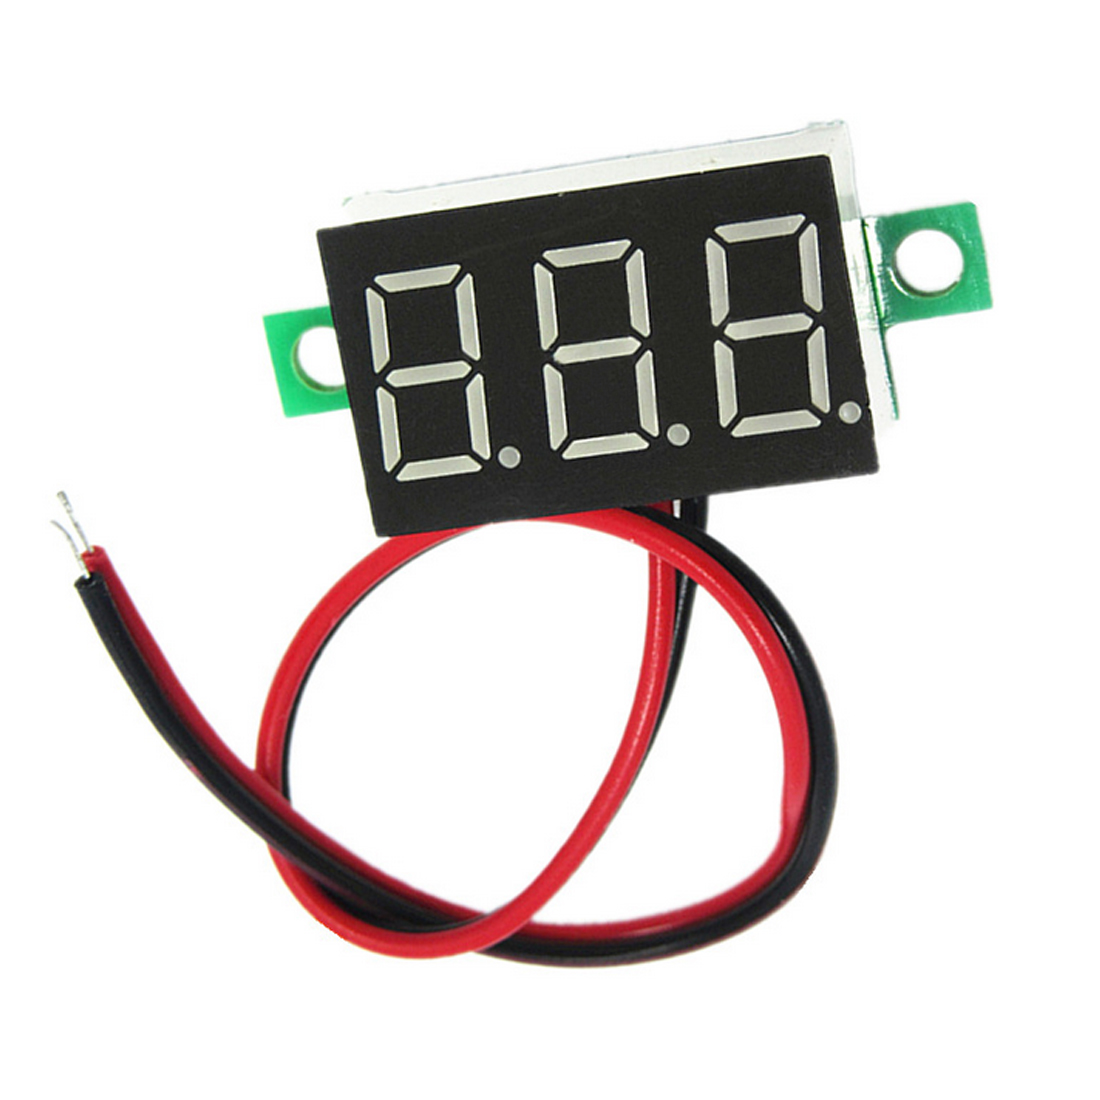 0,36 Zoll 2,5 V-32 V Mini Digital Voltmeter Spannung Tester Meter Led-bildschirm Elektronische Teile Zubehör Digital Voltmeter Weitere Rabatte üBerraschungen